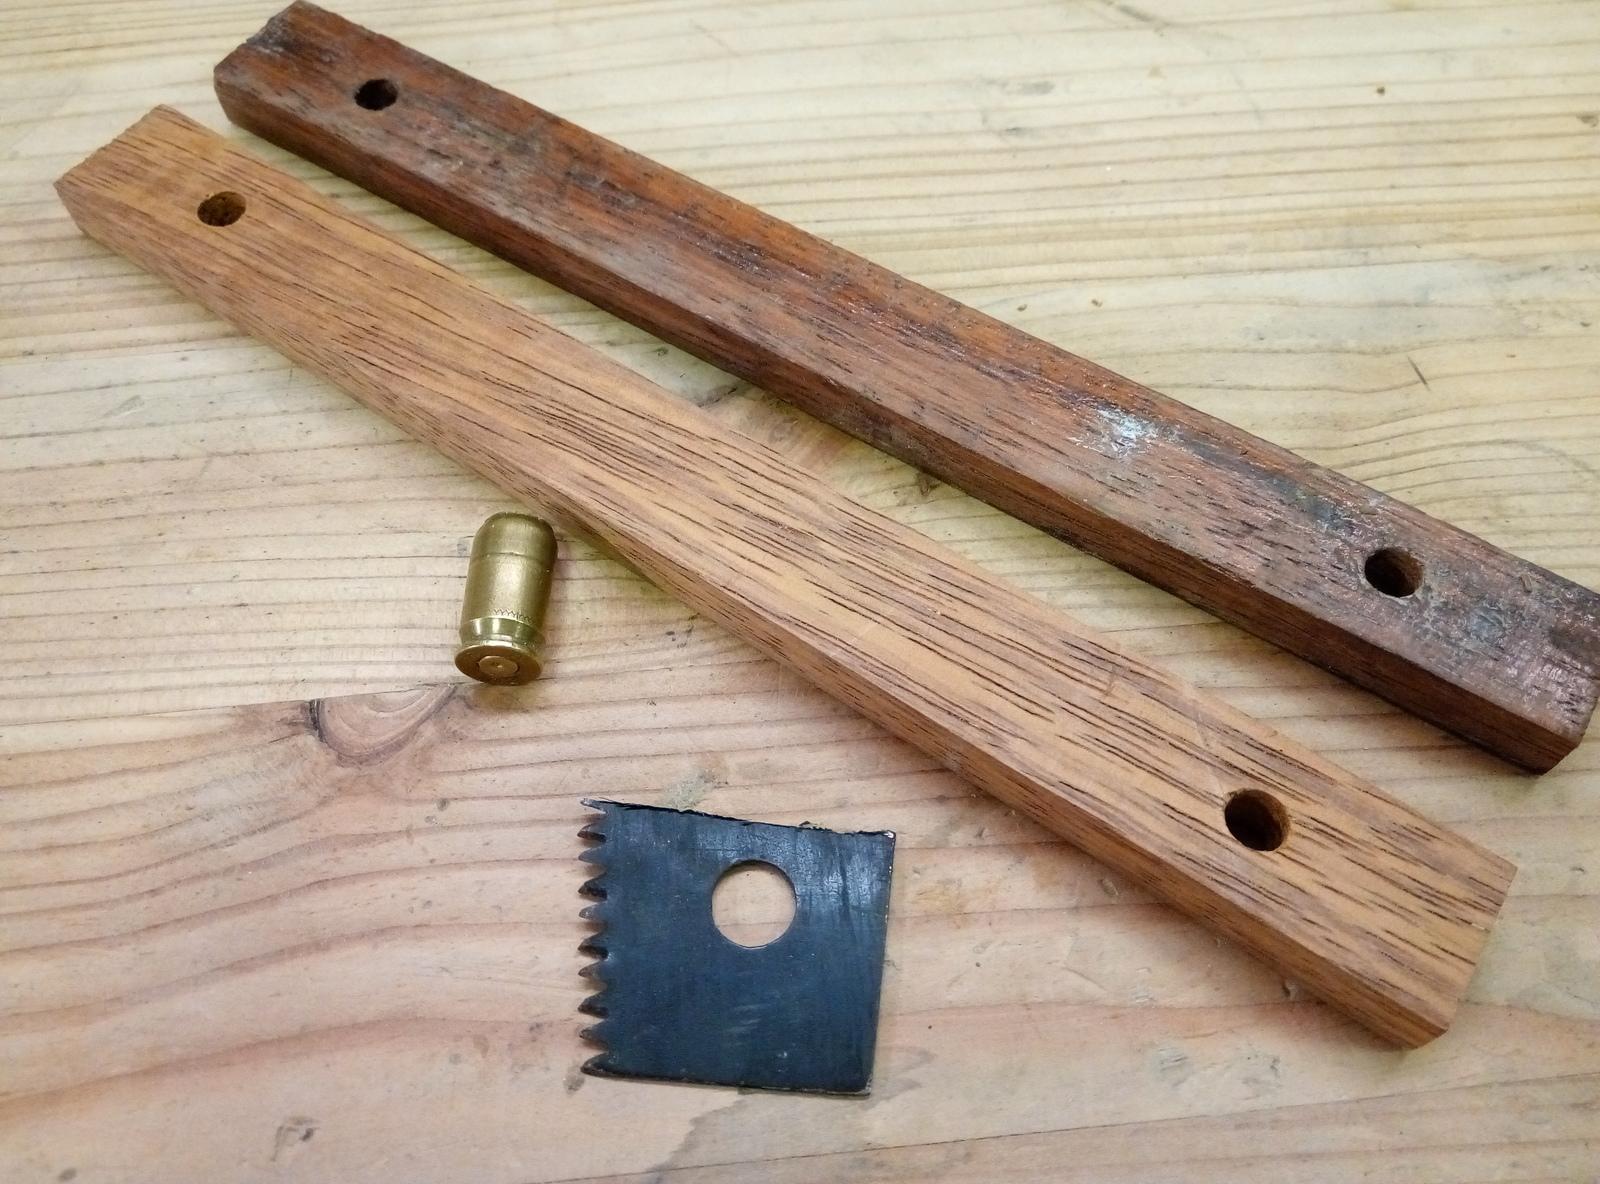 Резцы по дереву для ручной работы: самодельные, как сделать инструмент